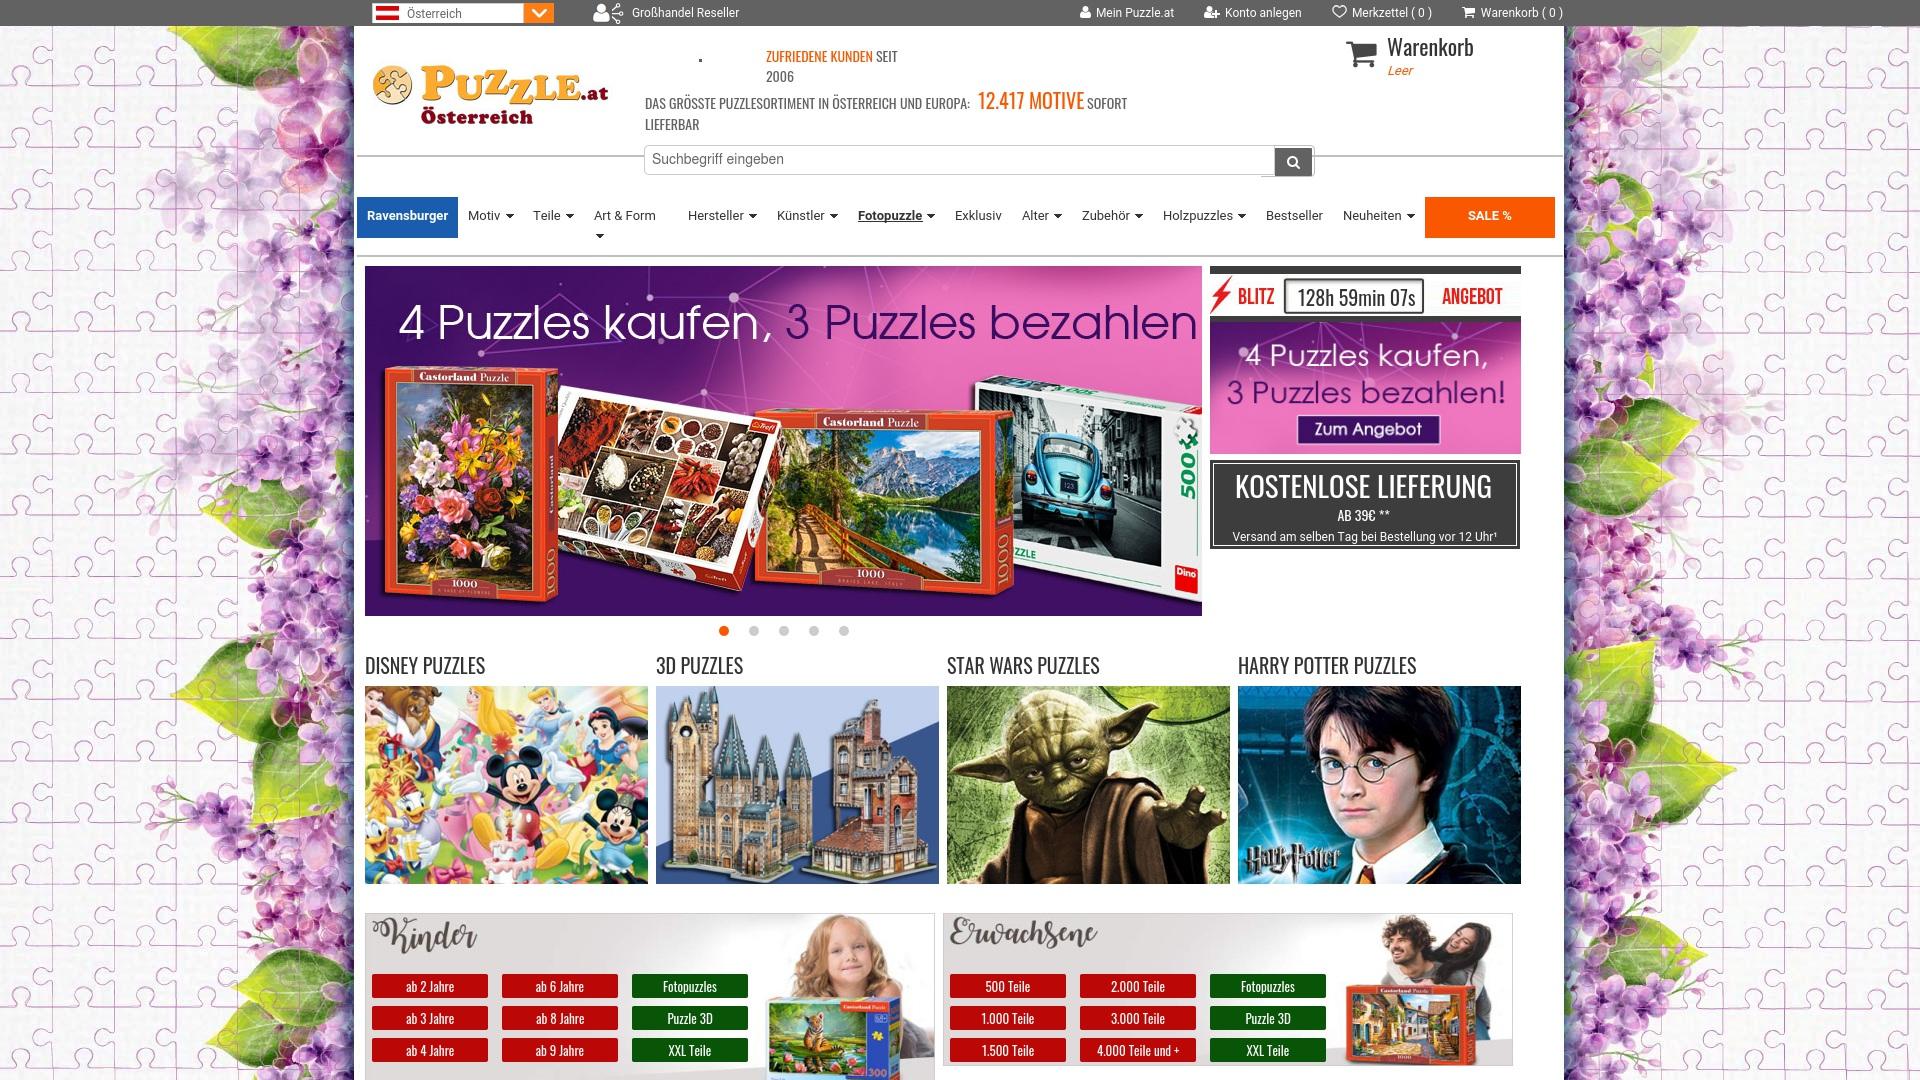 Gutschein für Puzzle: Rabatte für  Puzzle sichern